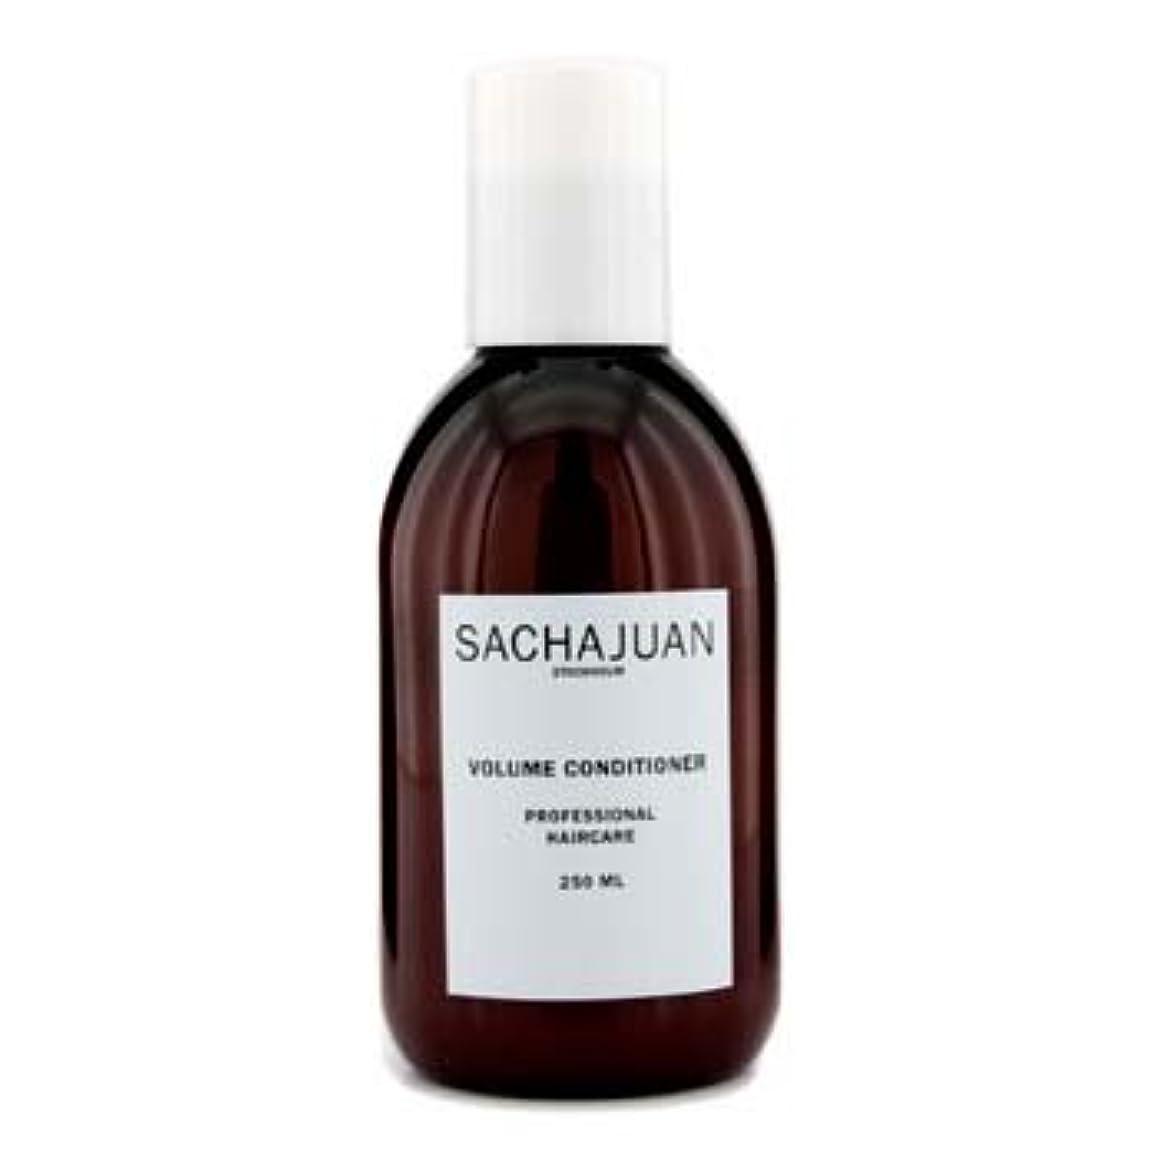 ペレット全部繊維[Sachajuan] Volume Conditioner (For Fine and Sensitive Hair) 250ml/8.4oz